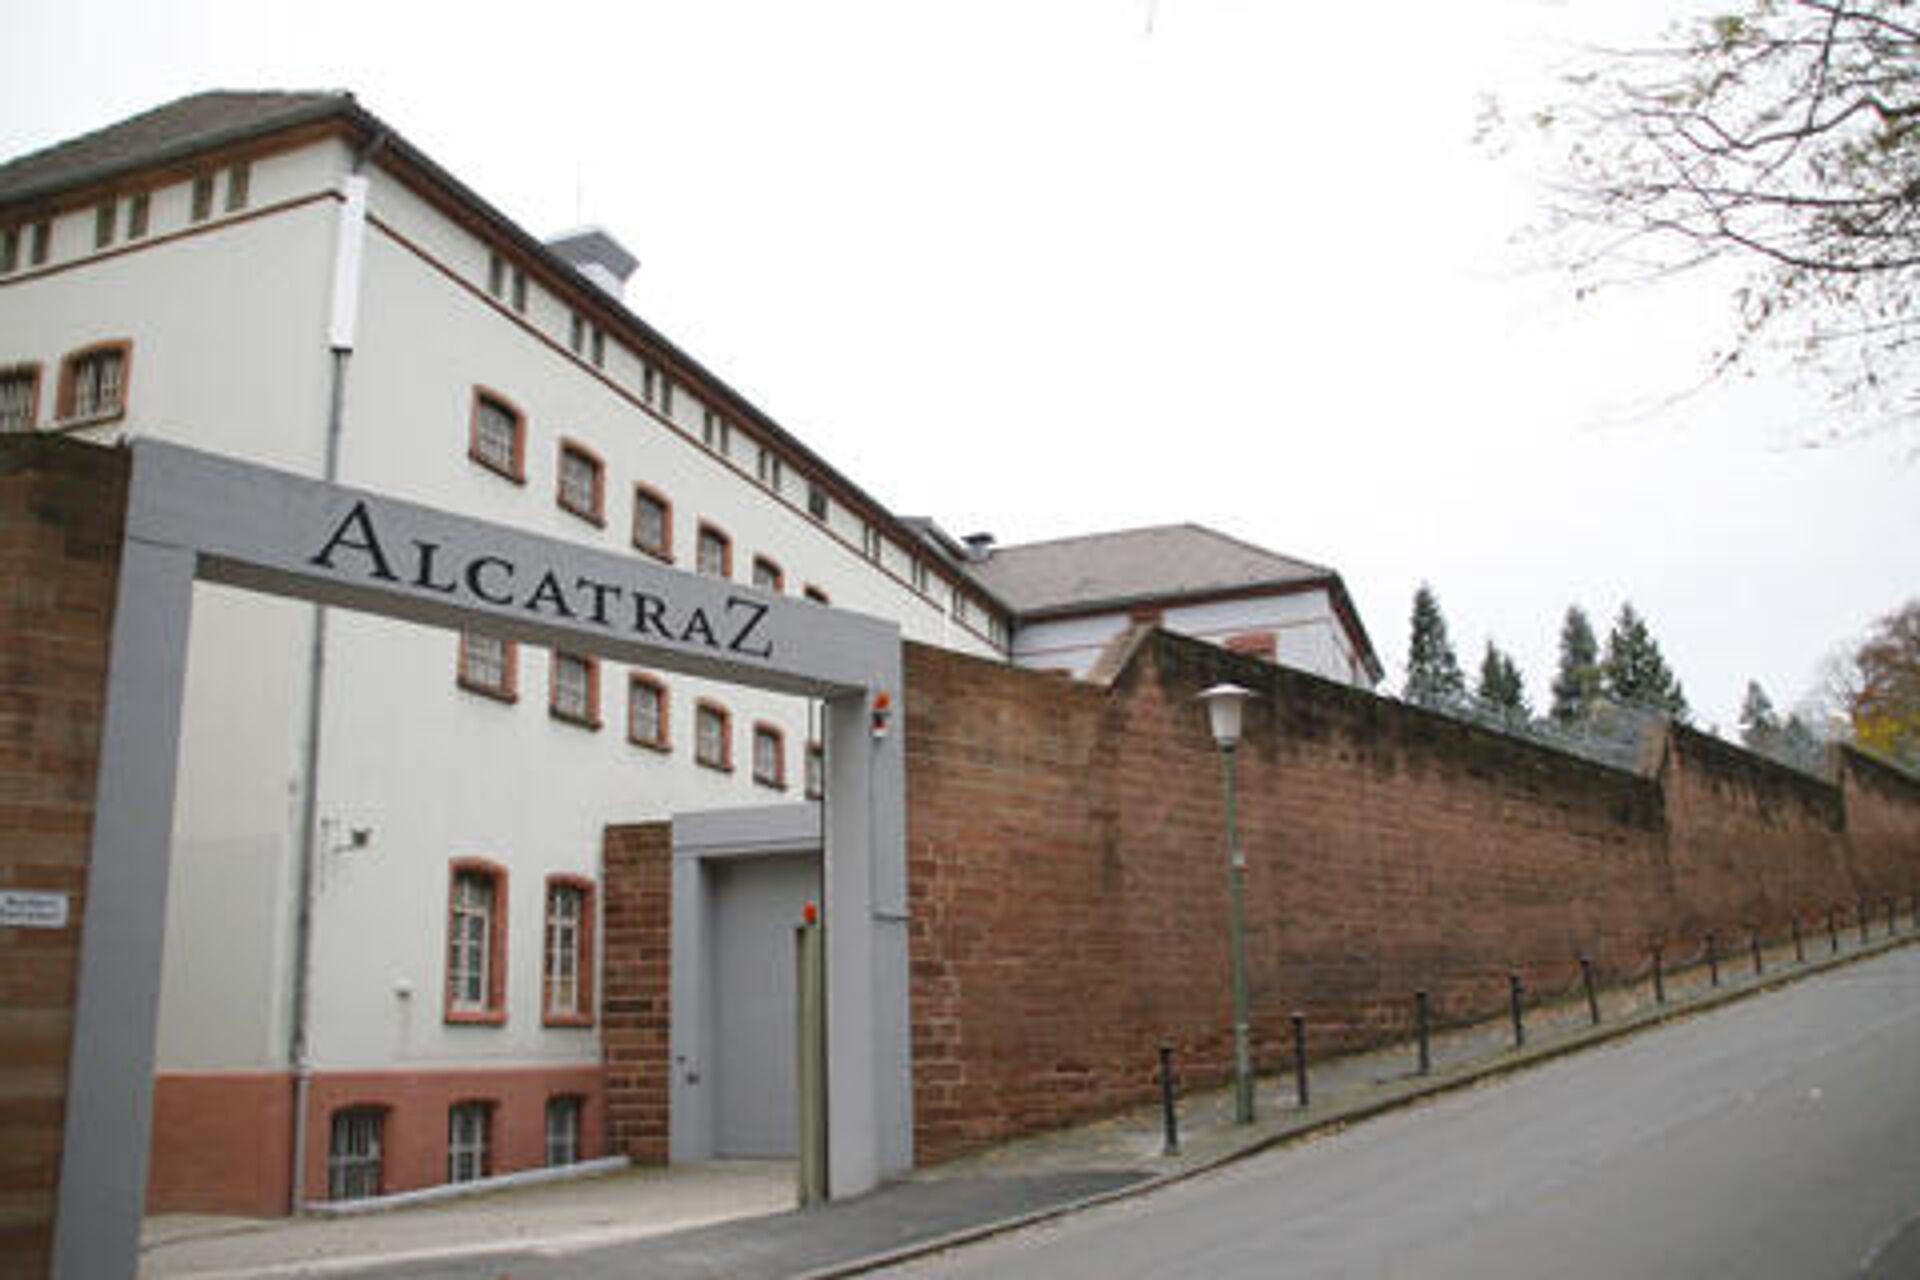 Отель AlcatrazамJapanischen Garten в Кайзерслаутерне  - РИА Новости, 1920, 16.12.2020